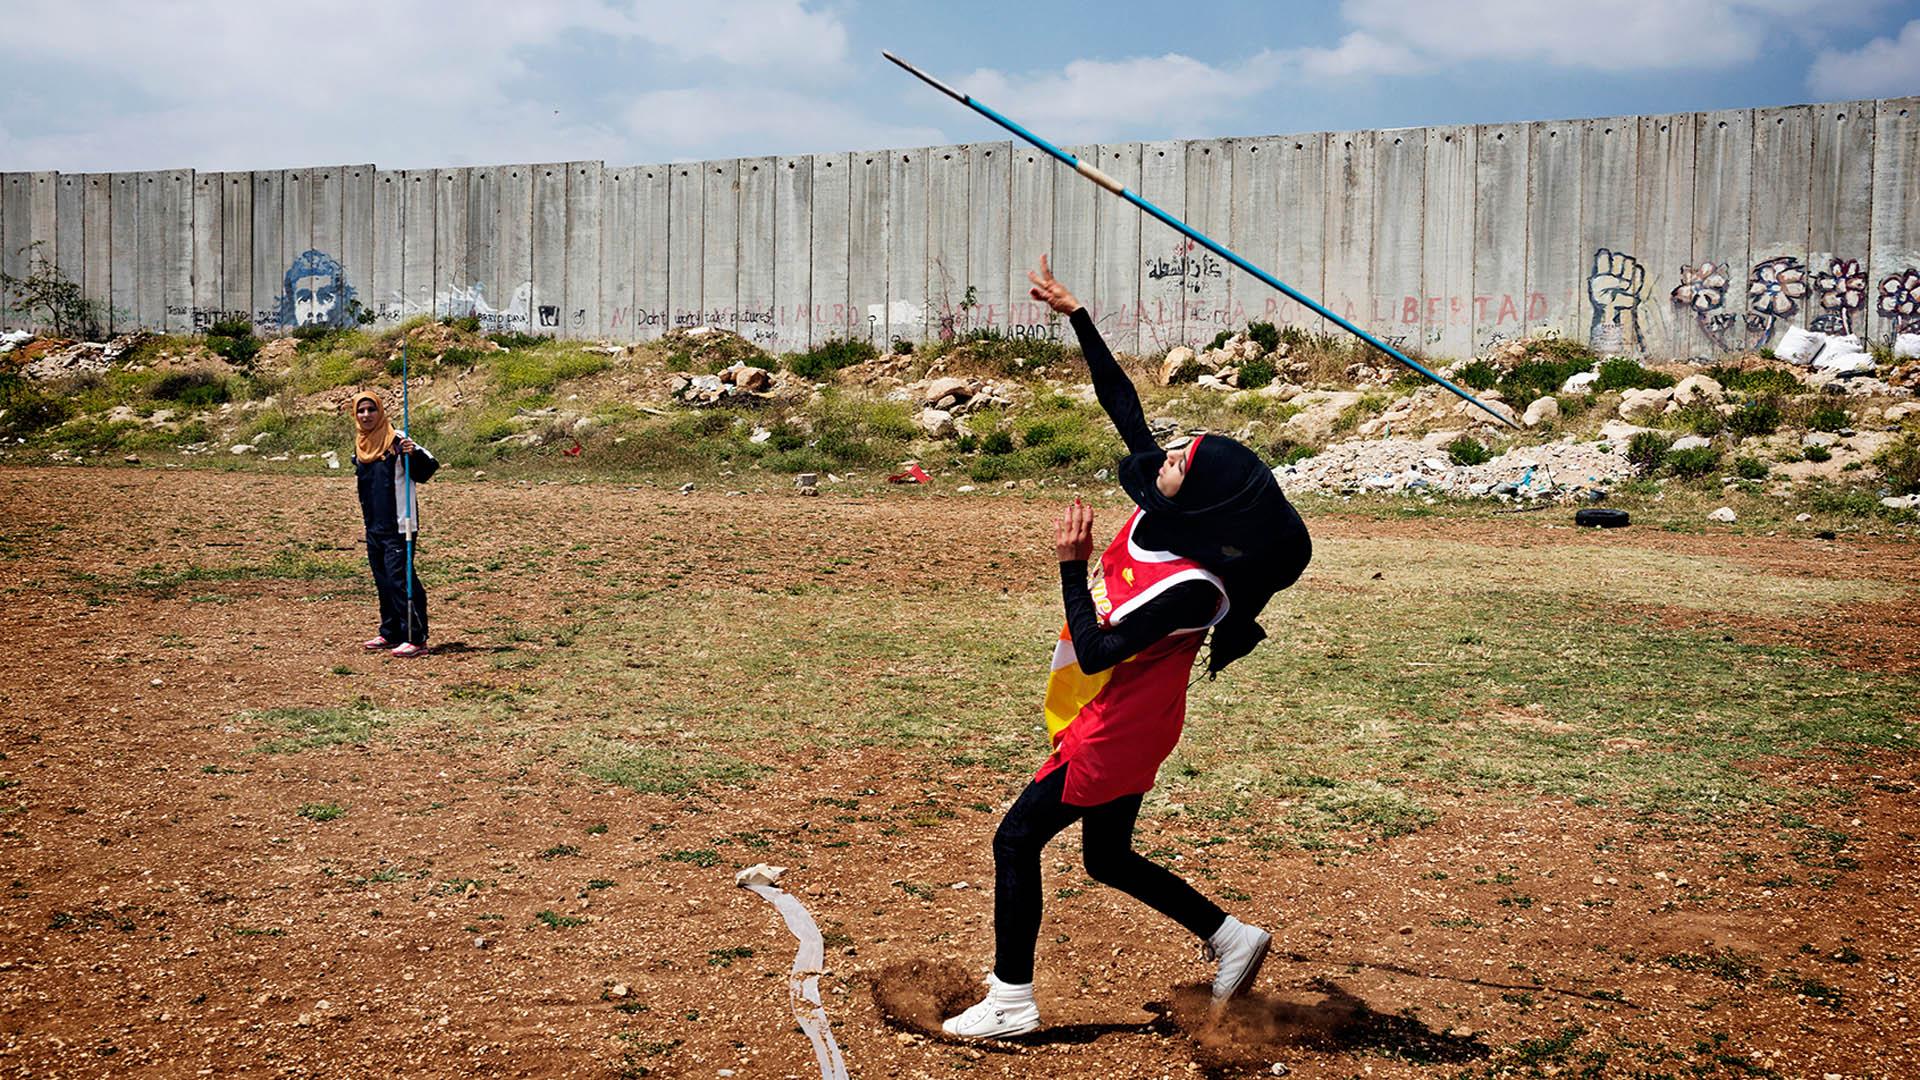 In manchen Ländern dürfen Frauen nur mit religionskonformer Kleidung Sport treiben